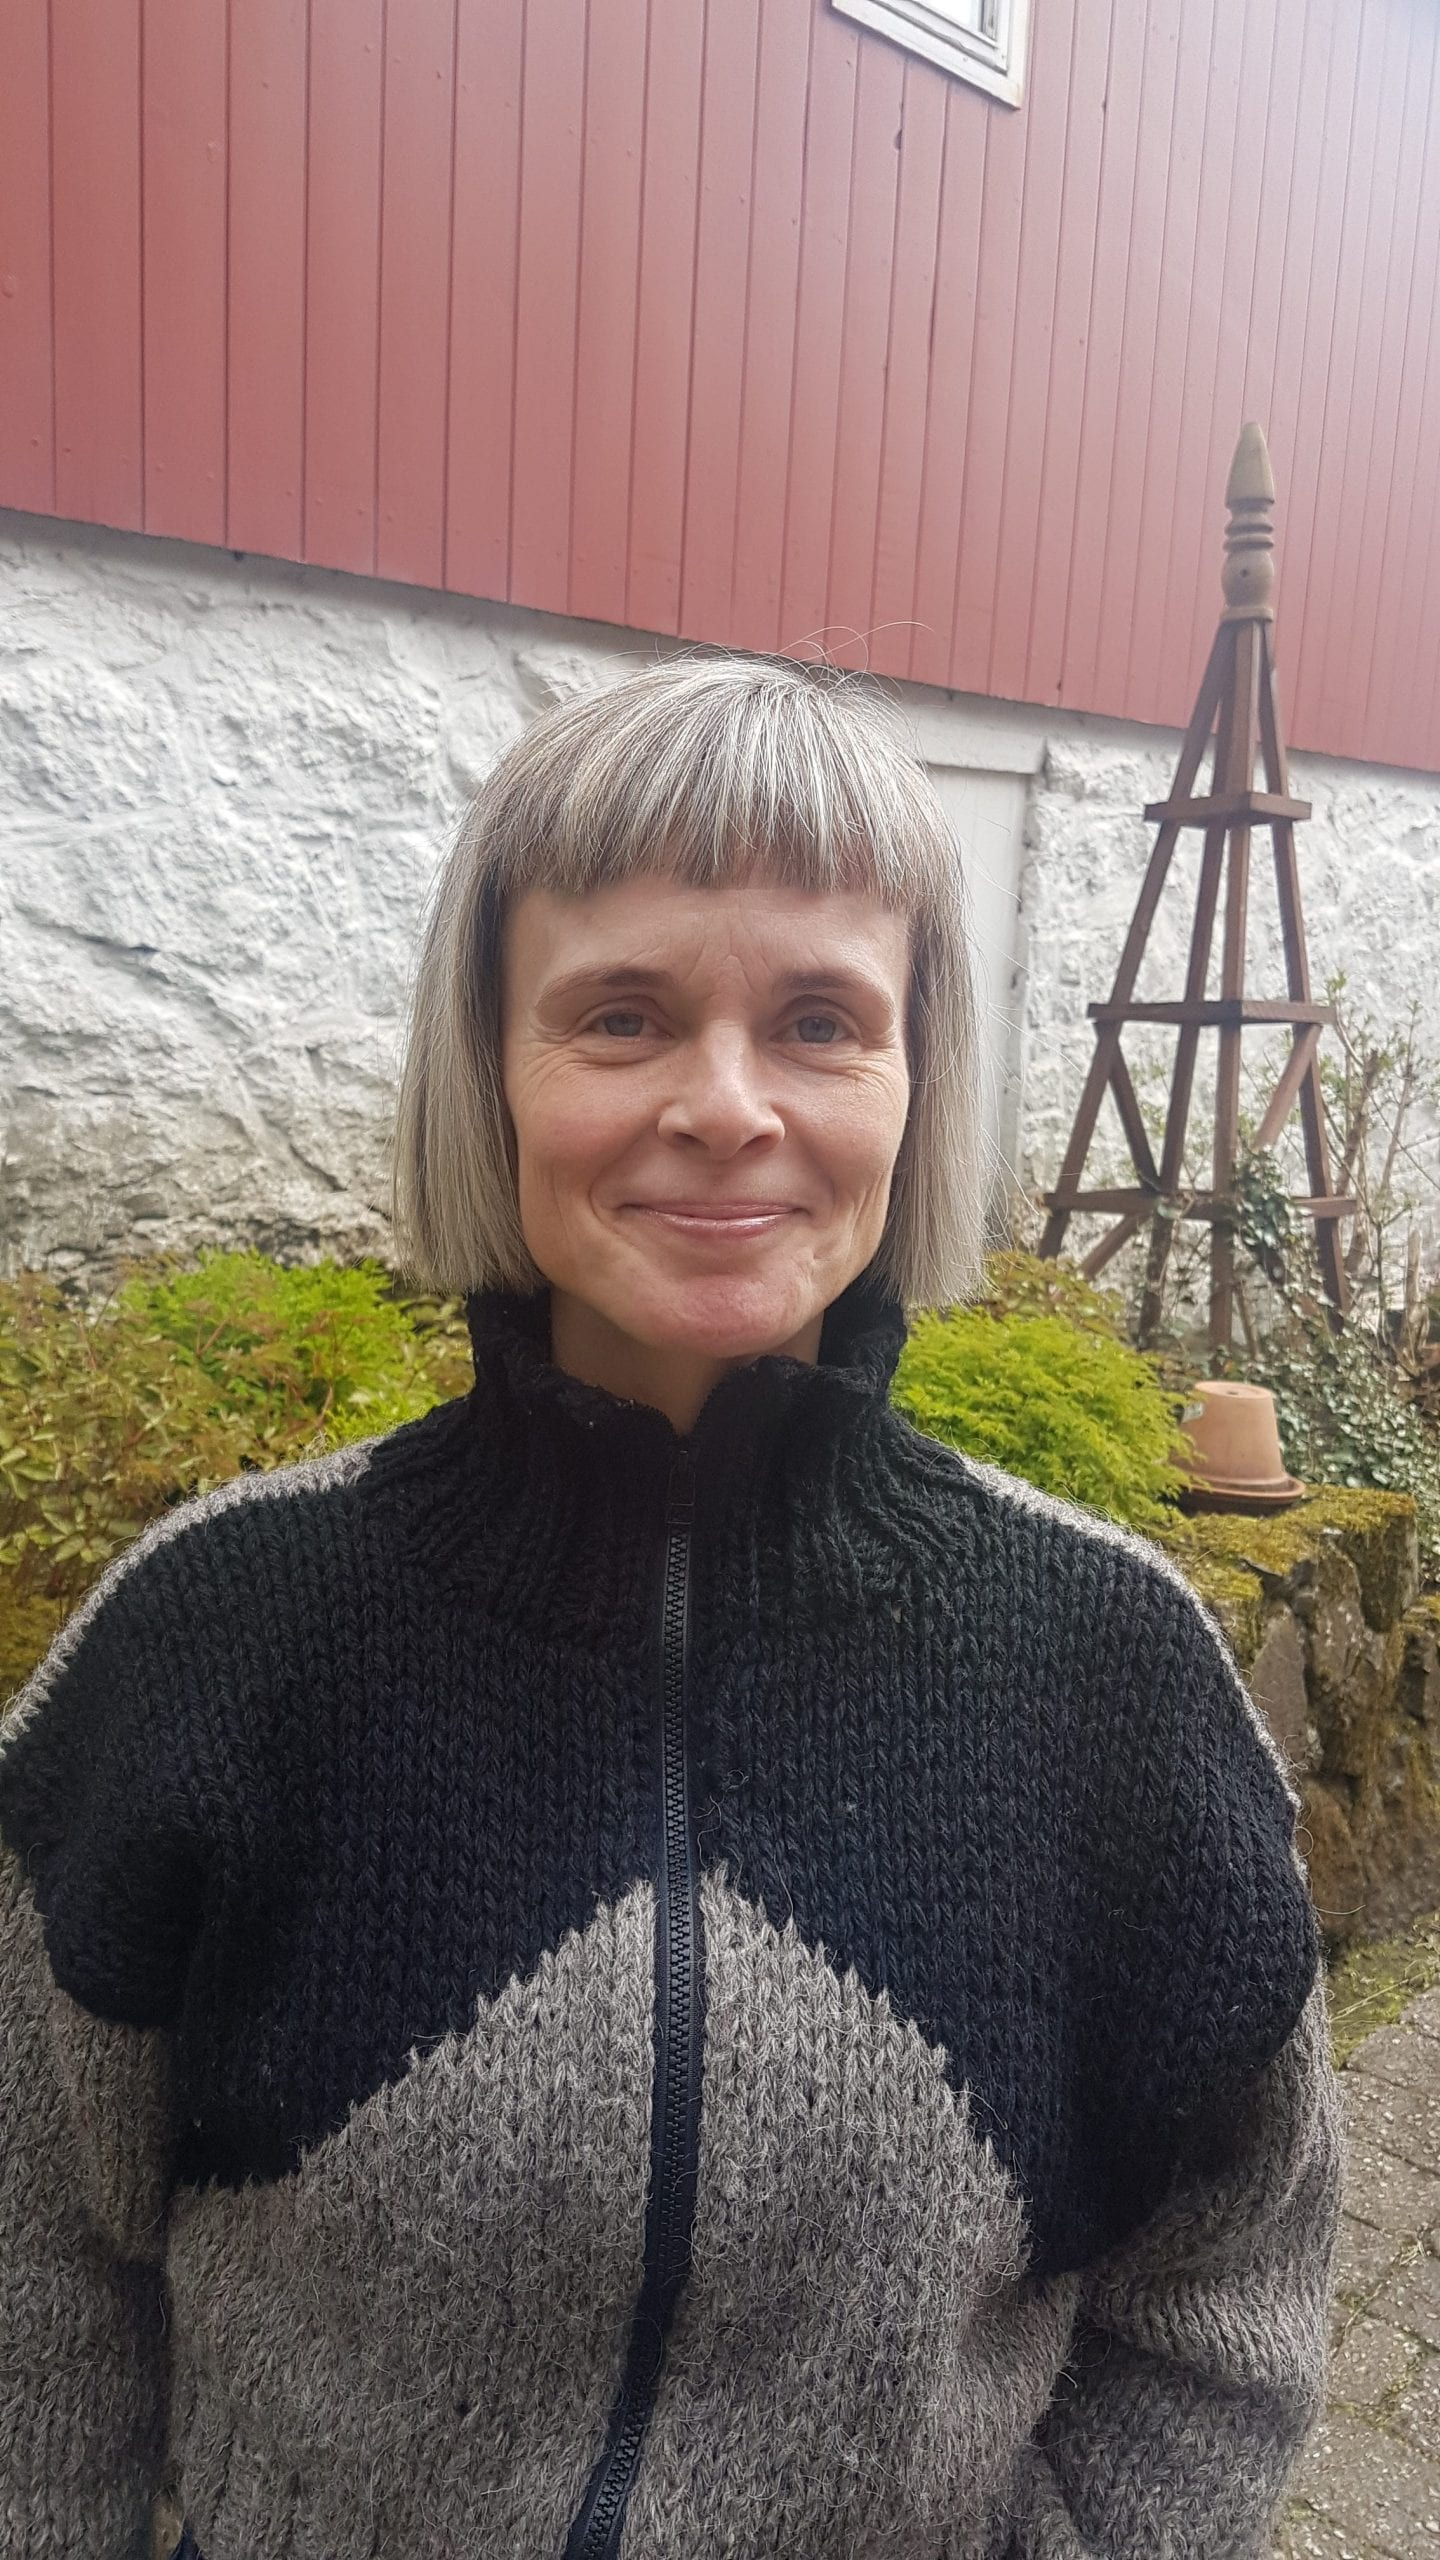 Súsanna Winther Poulsen